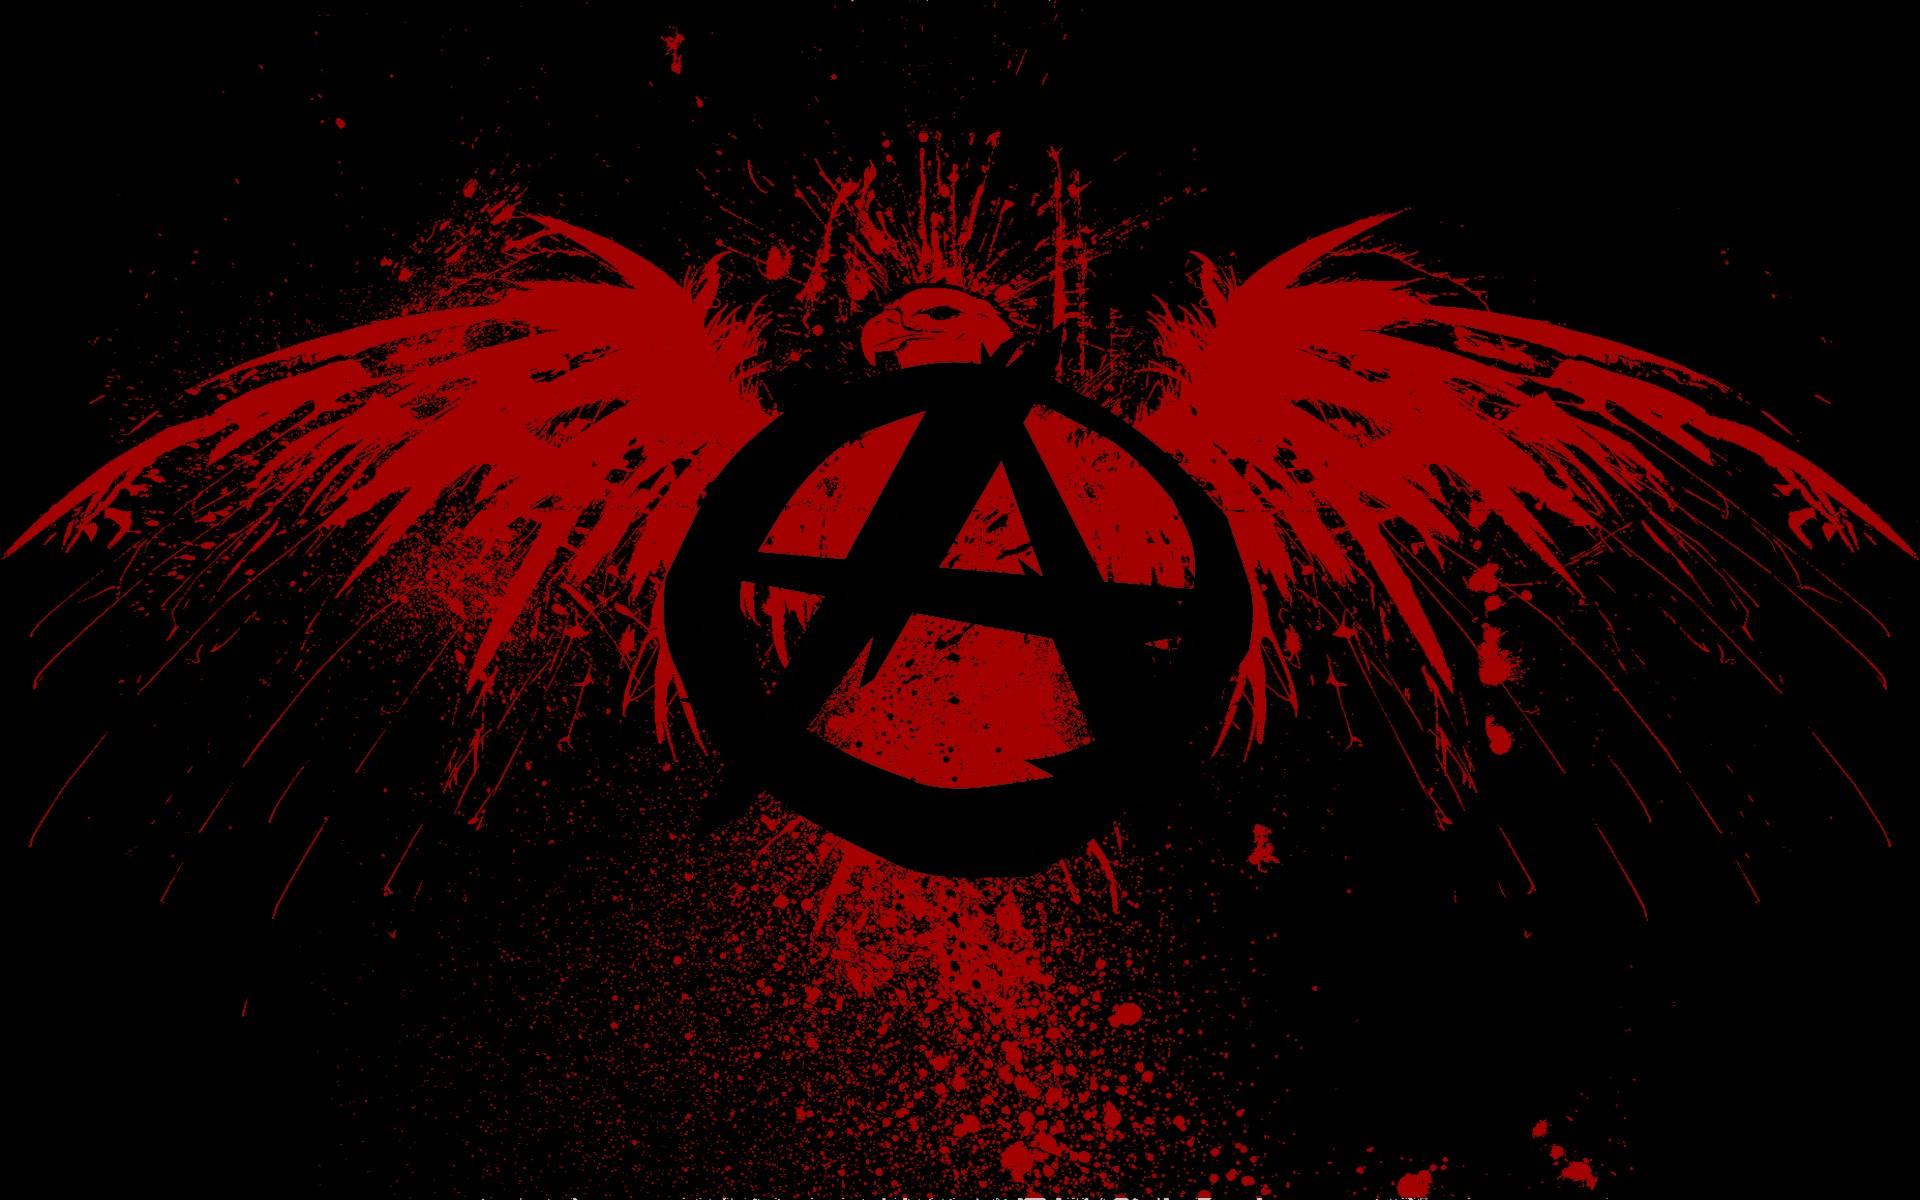 Картинки на рабочий стол анархии